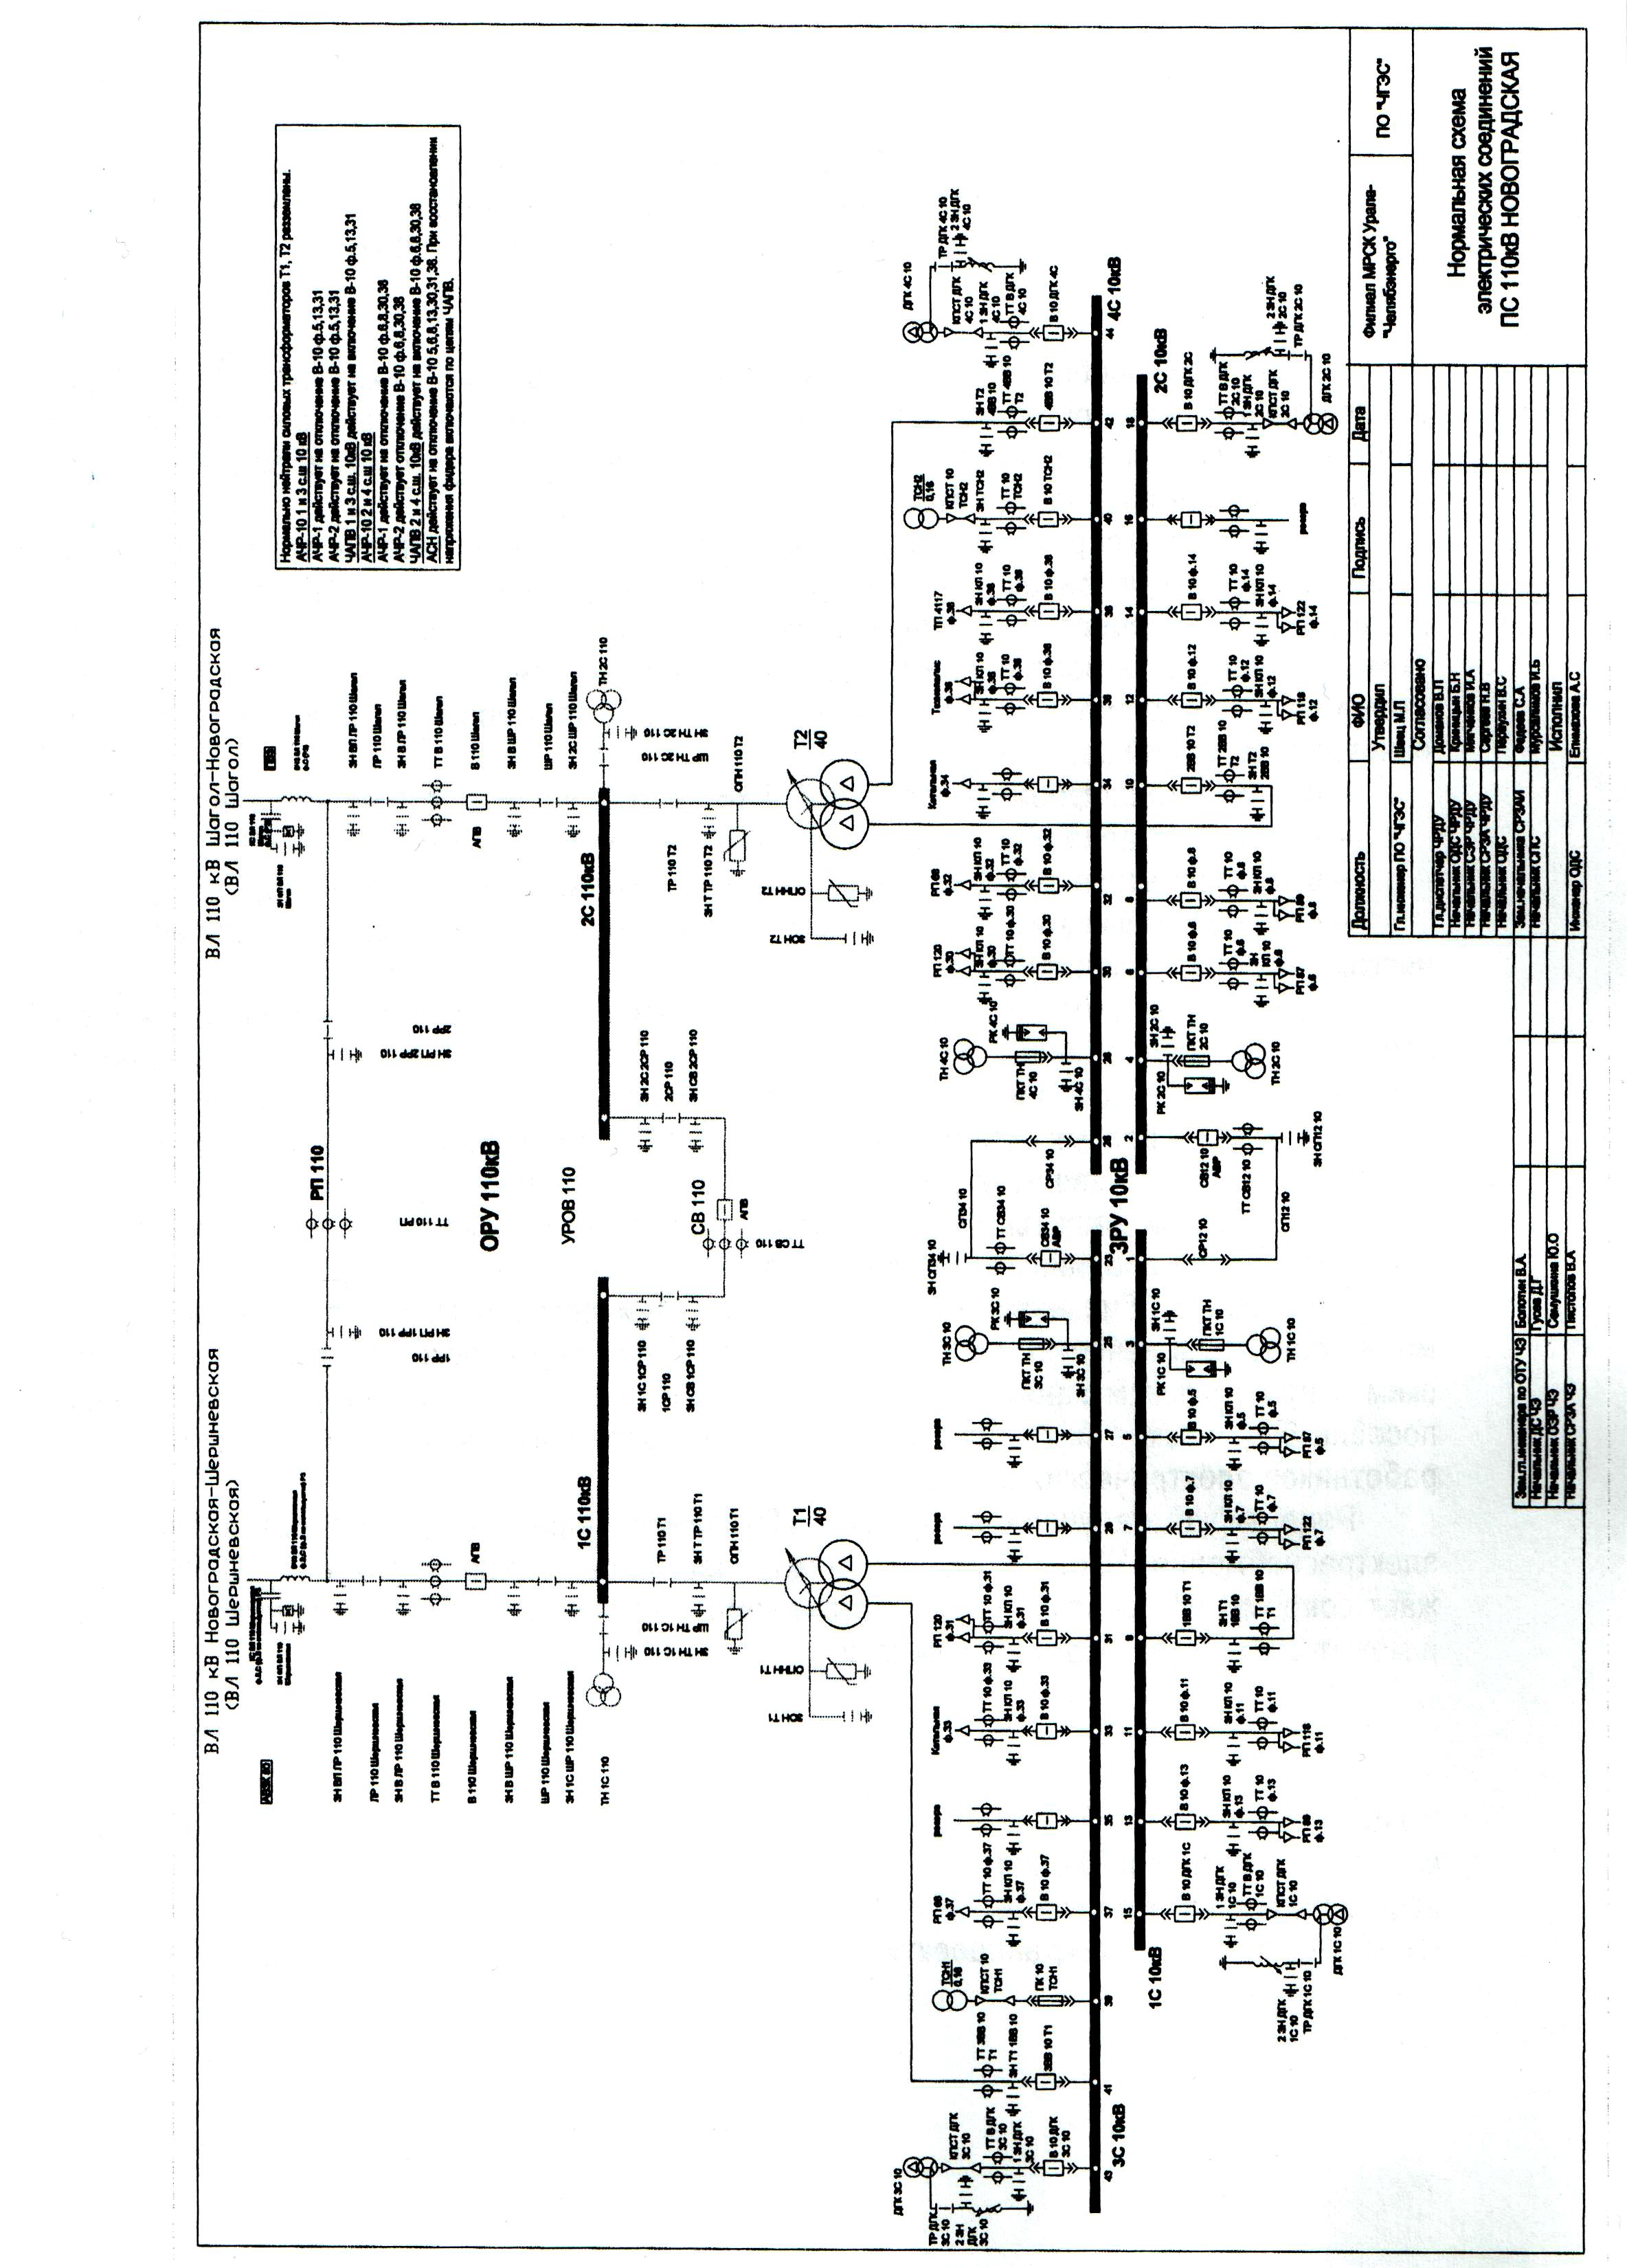 Изучение схем электроснабжения собственных нужд 81